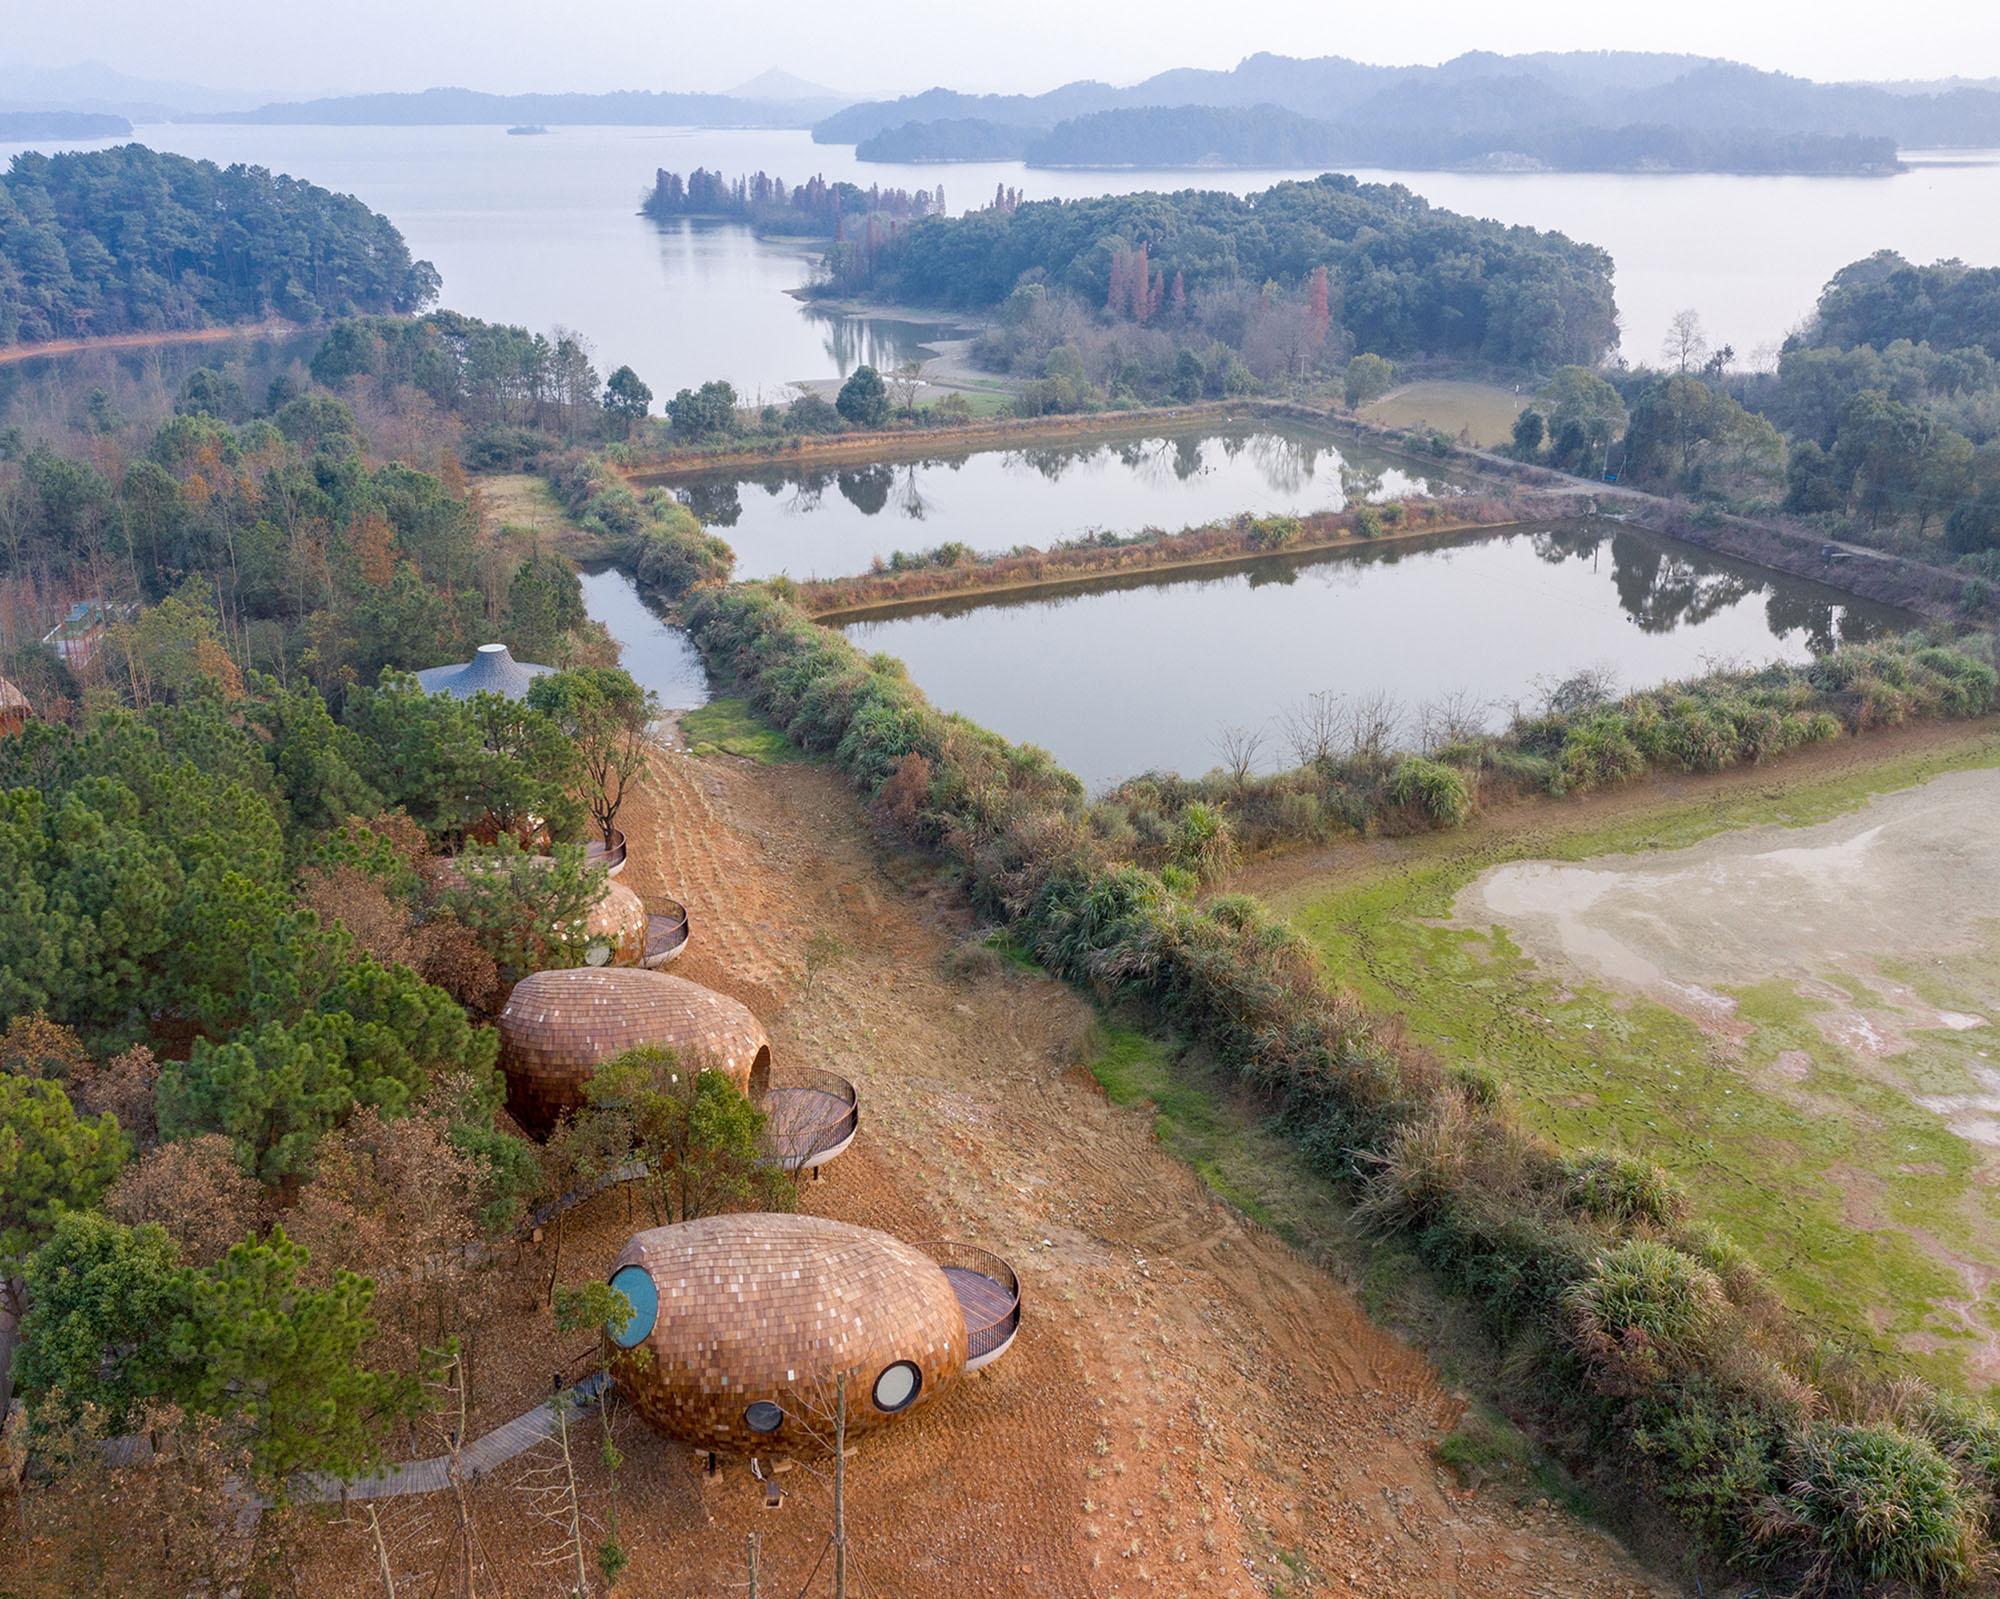 Fangfang Tiang, ZJJZ, TREE WOW